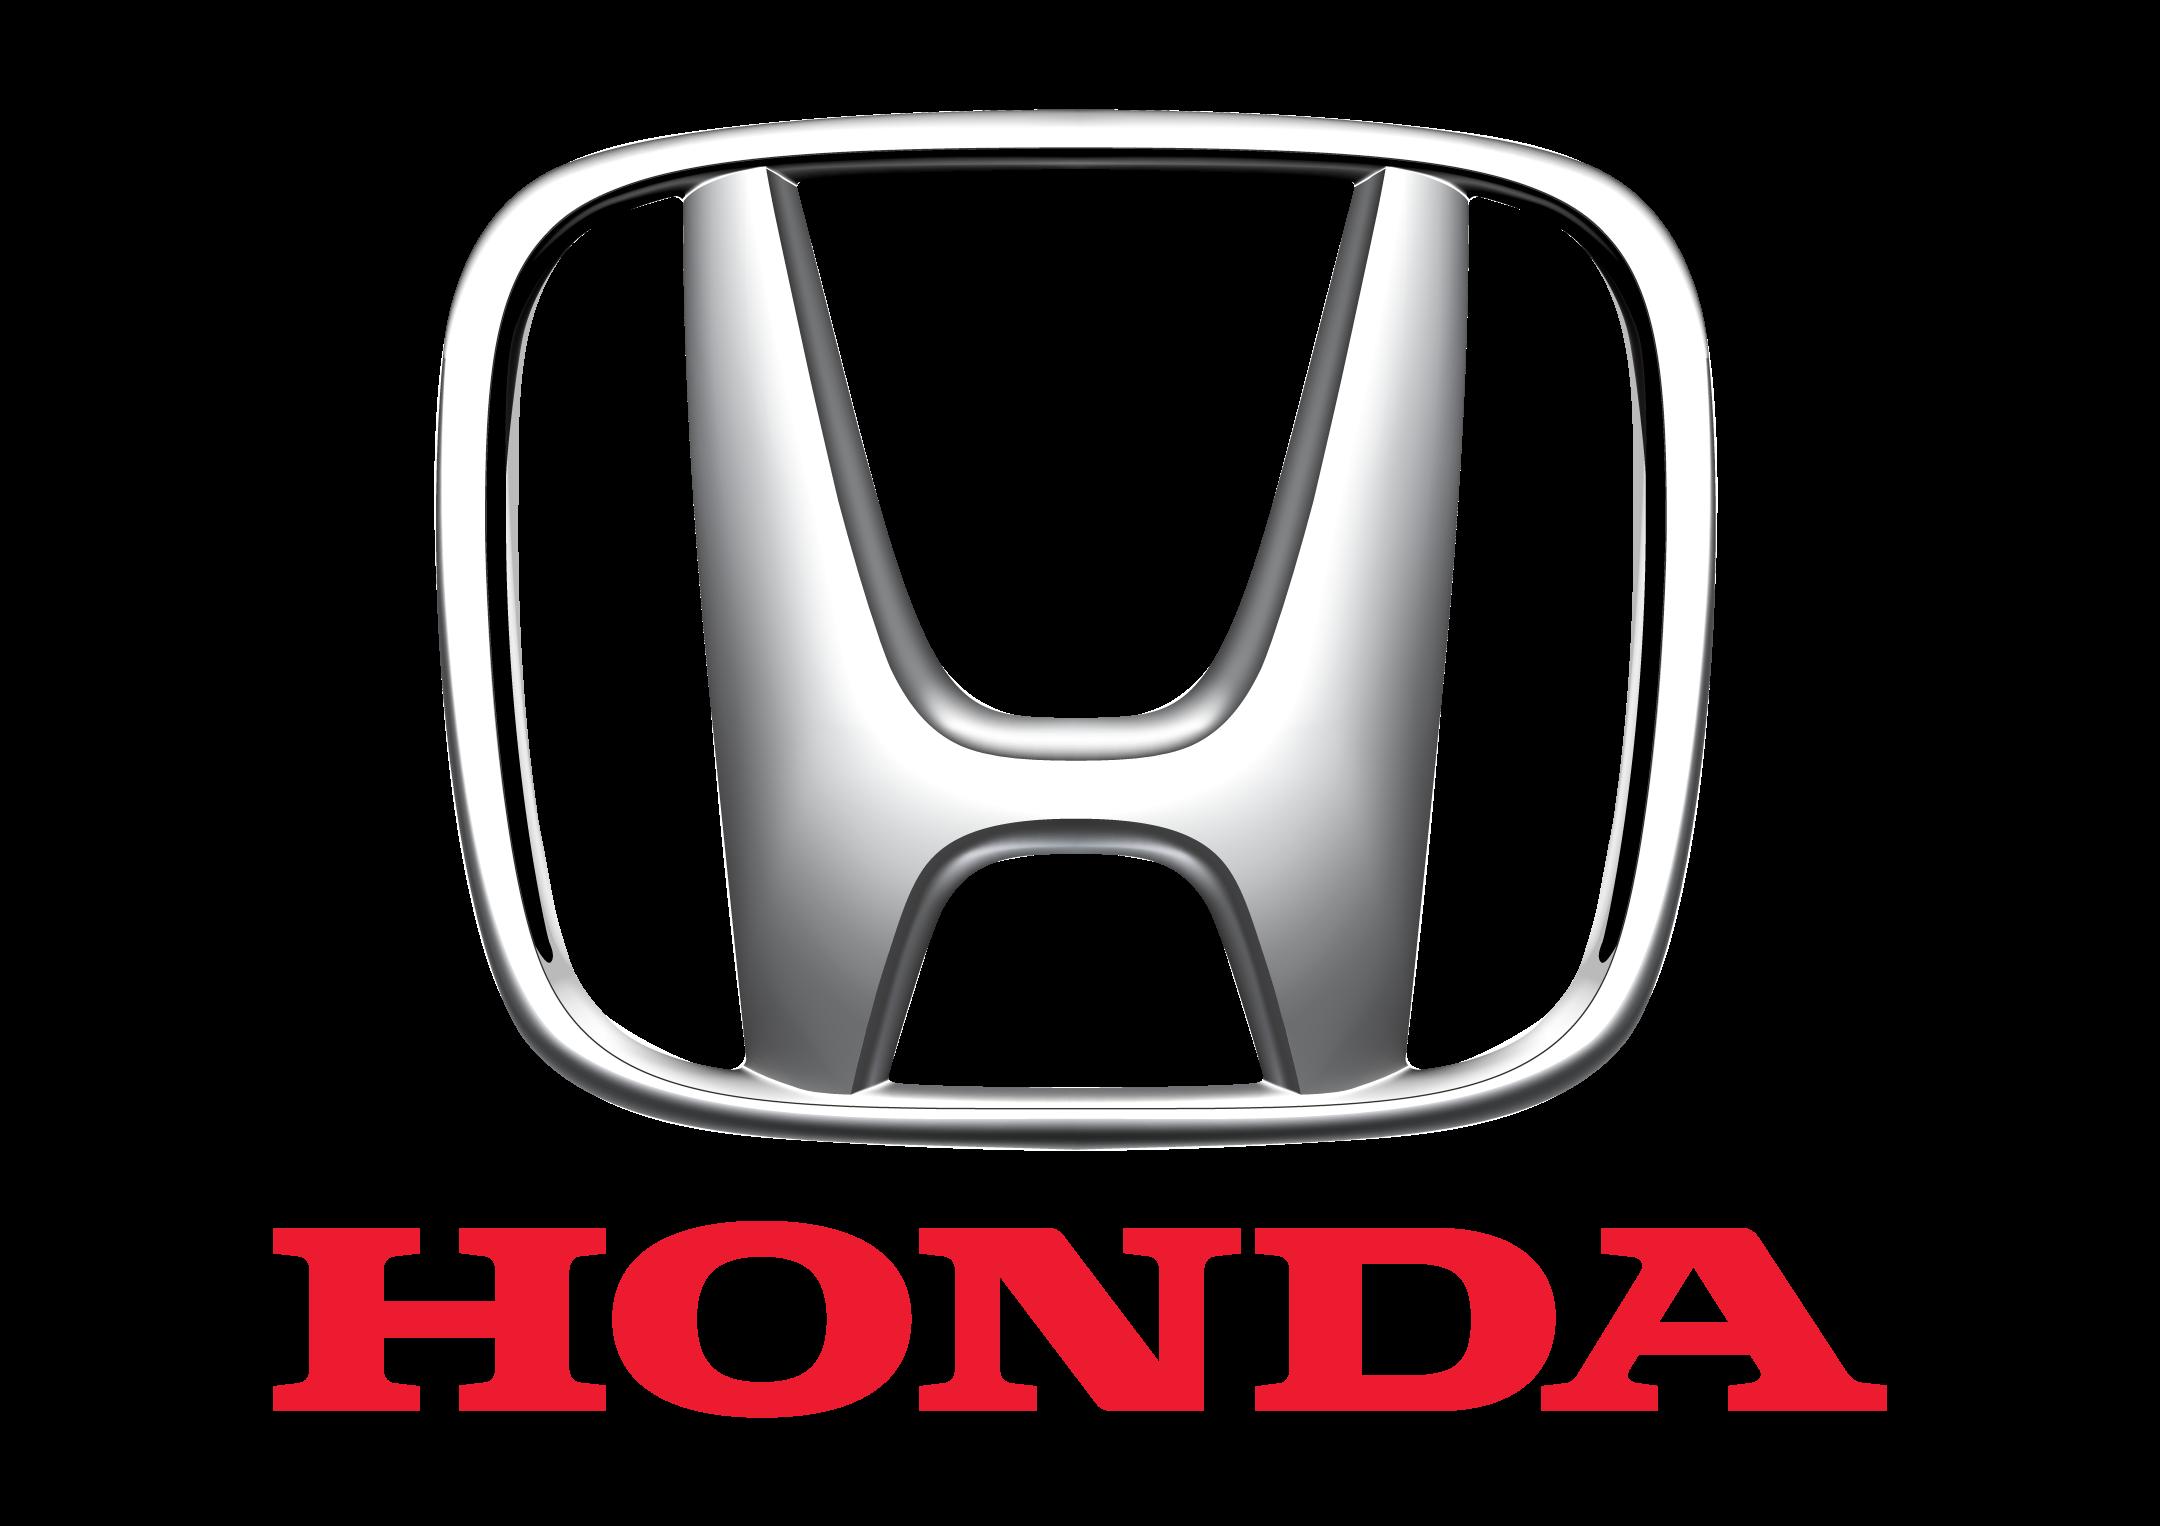 honda carros logo 1 - Honda Autos Logo